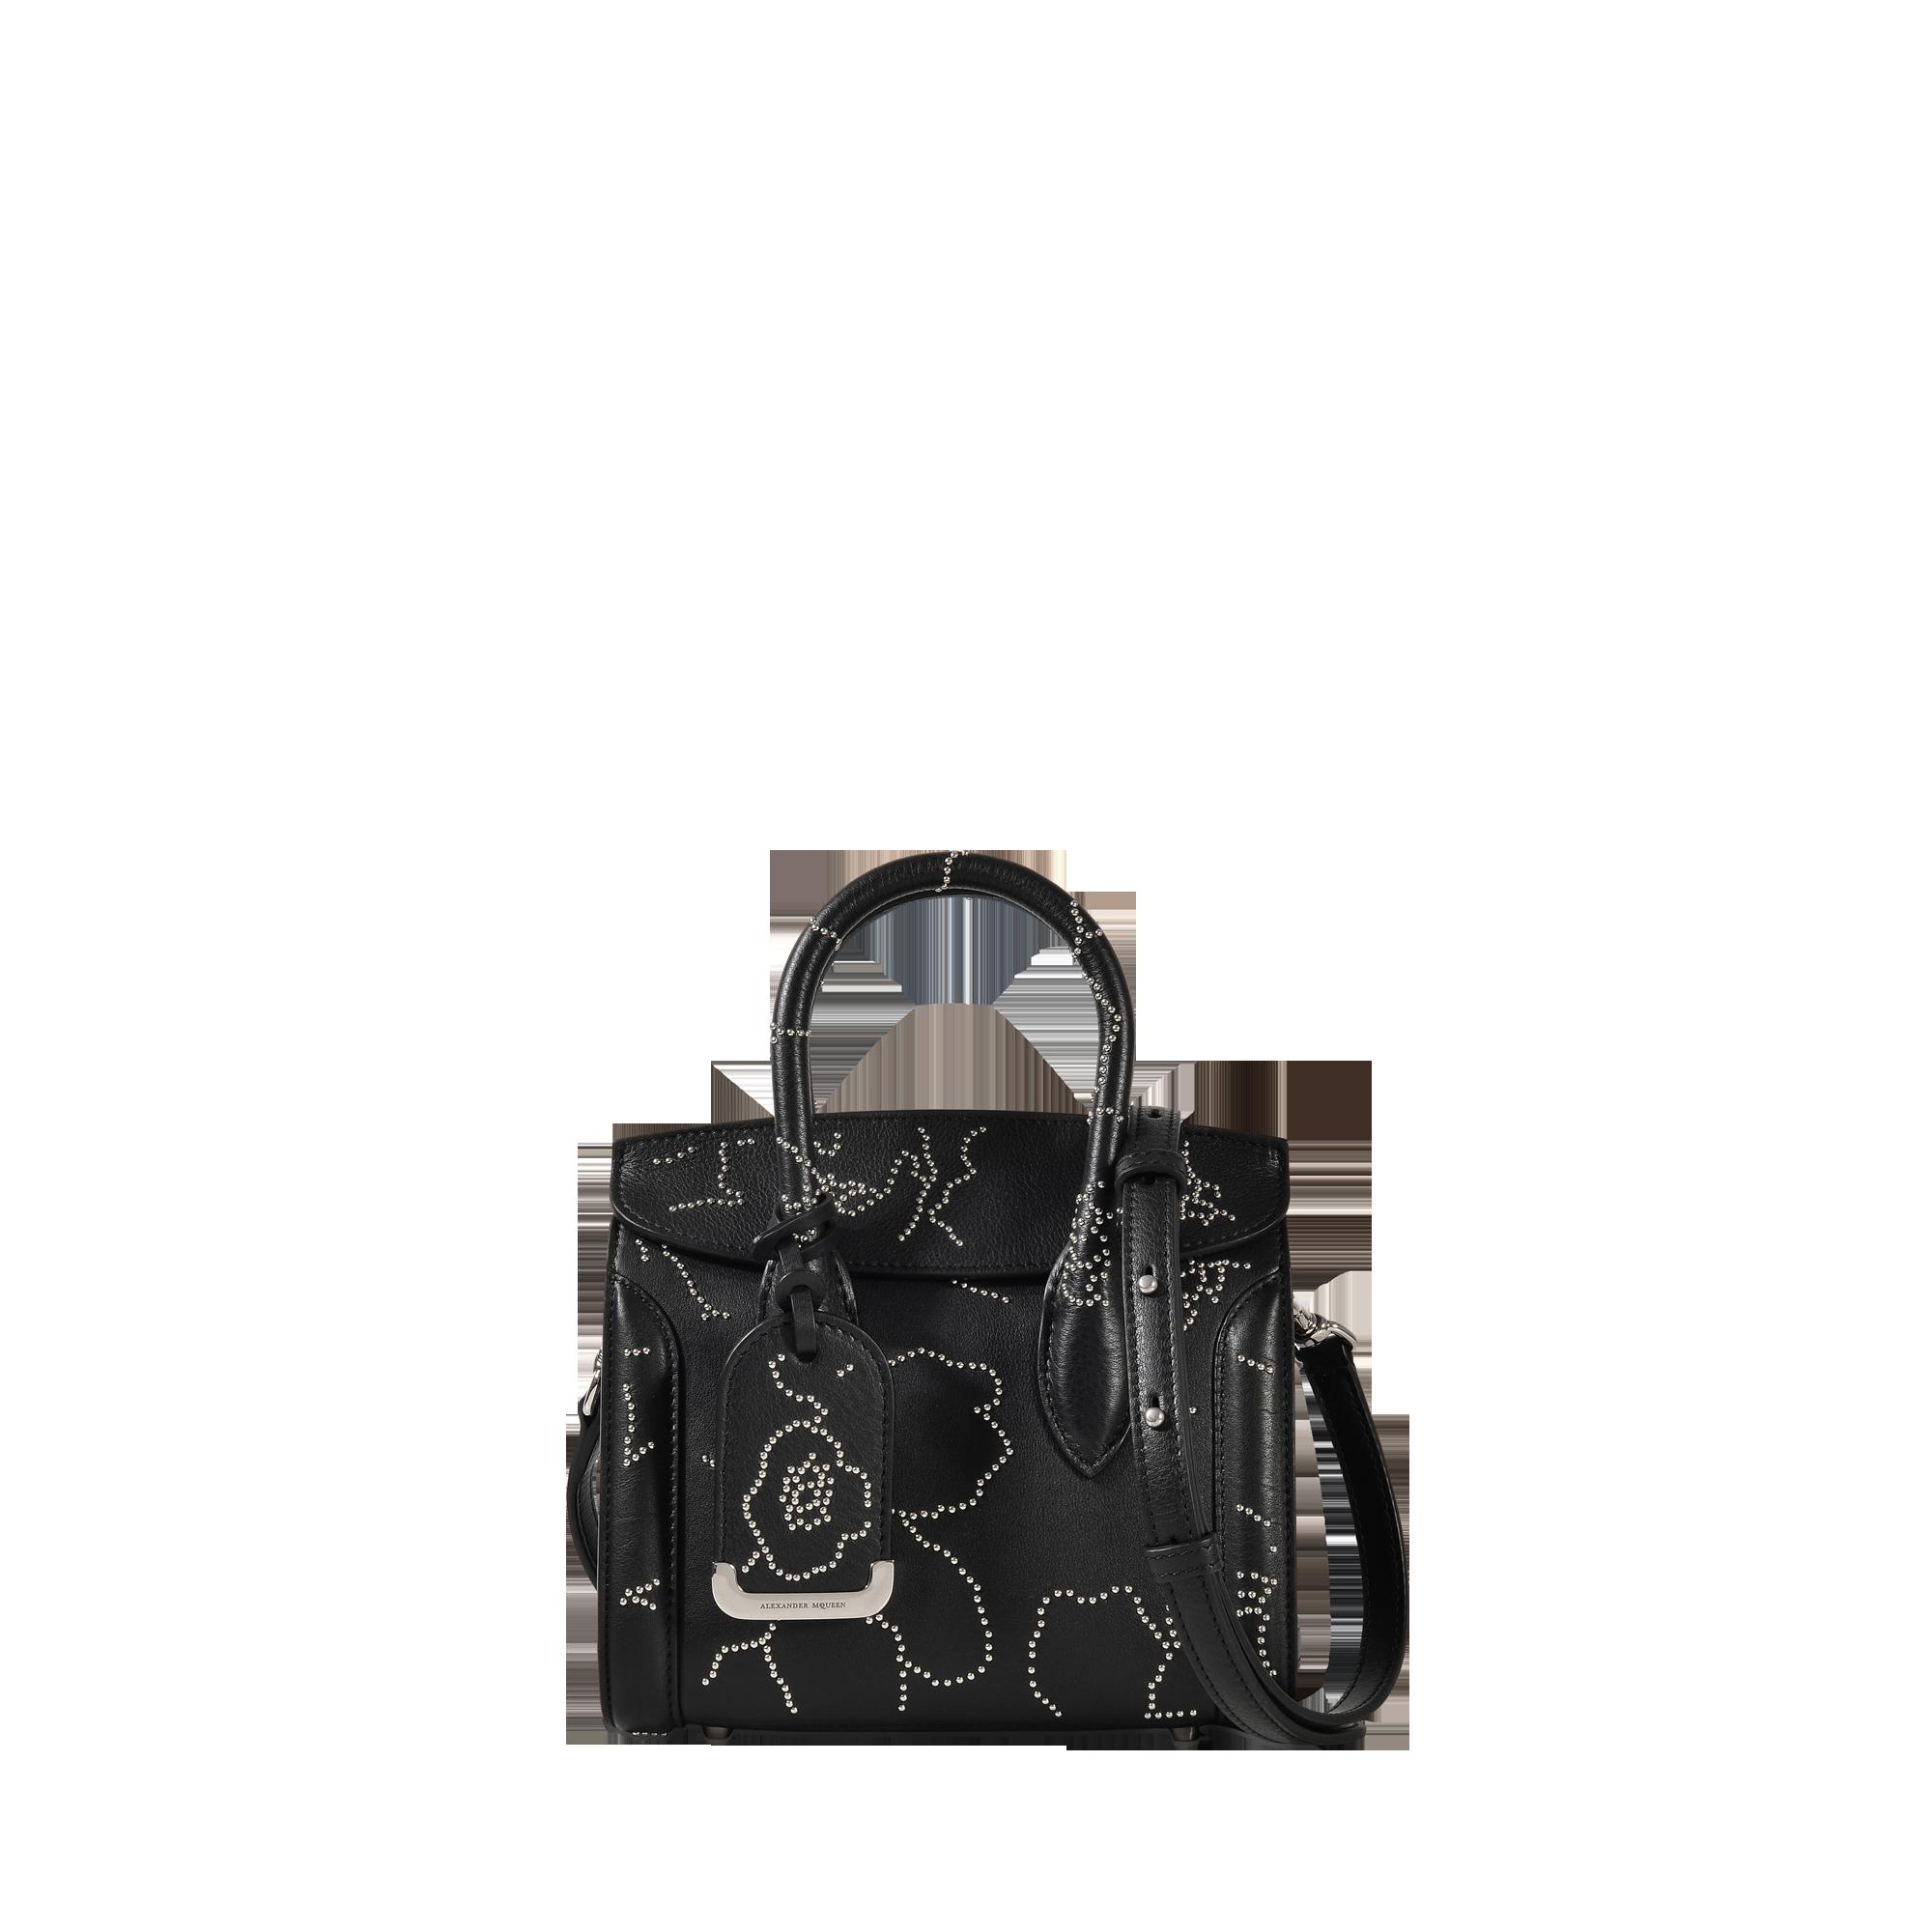 Snelle Levering Goedkope Prijs Alexander Mcqueen Mini Heroine 21 bag Voor Goedkope Prijs Goede Verkopen Online Gratis Verzending Nieuwste Collecties Grote Verkoop Online YwyKAfdcN